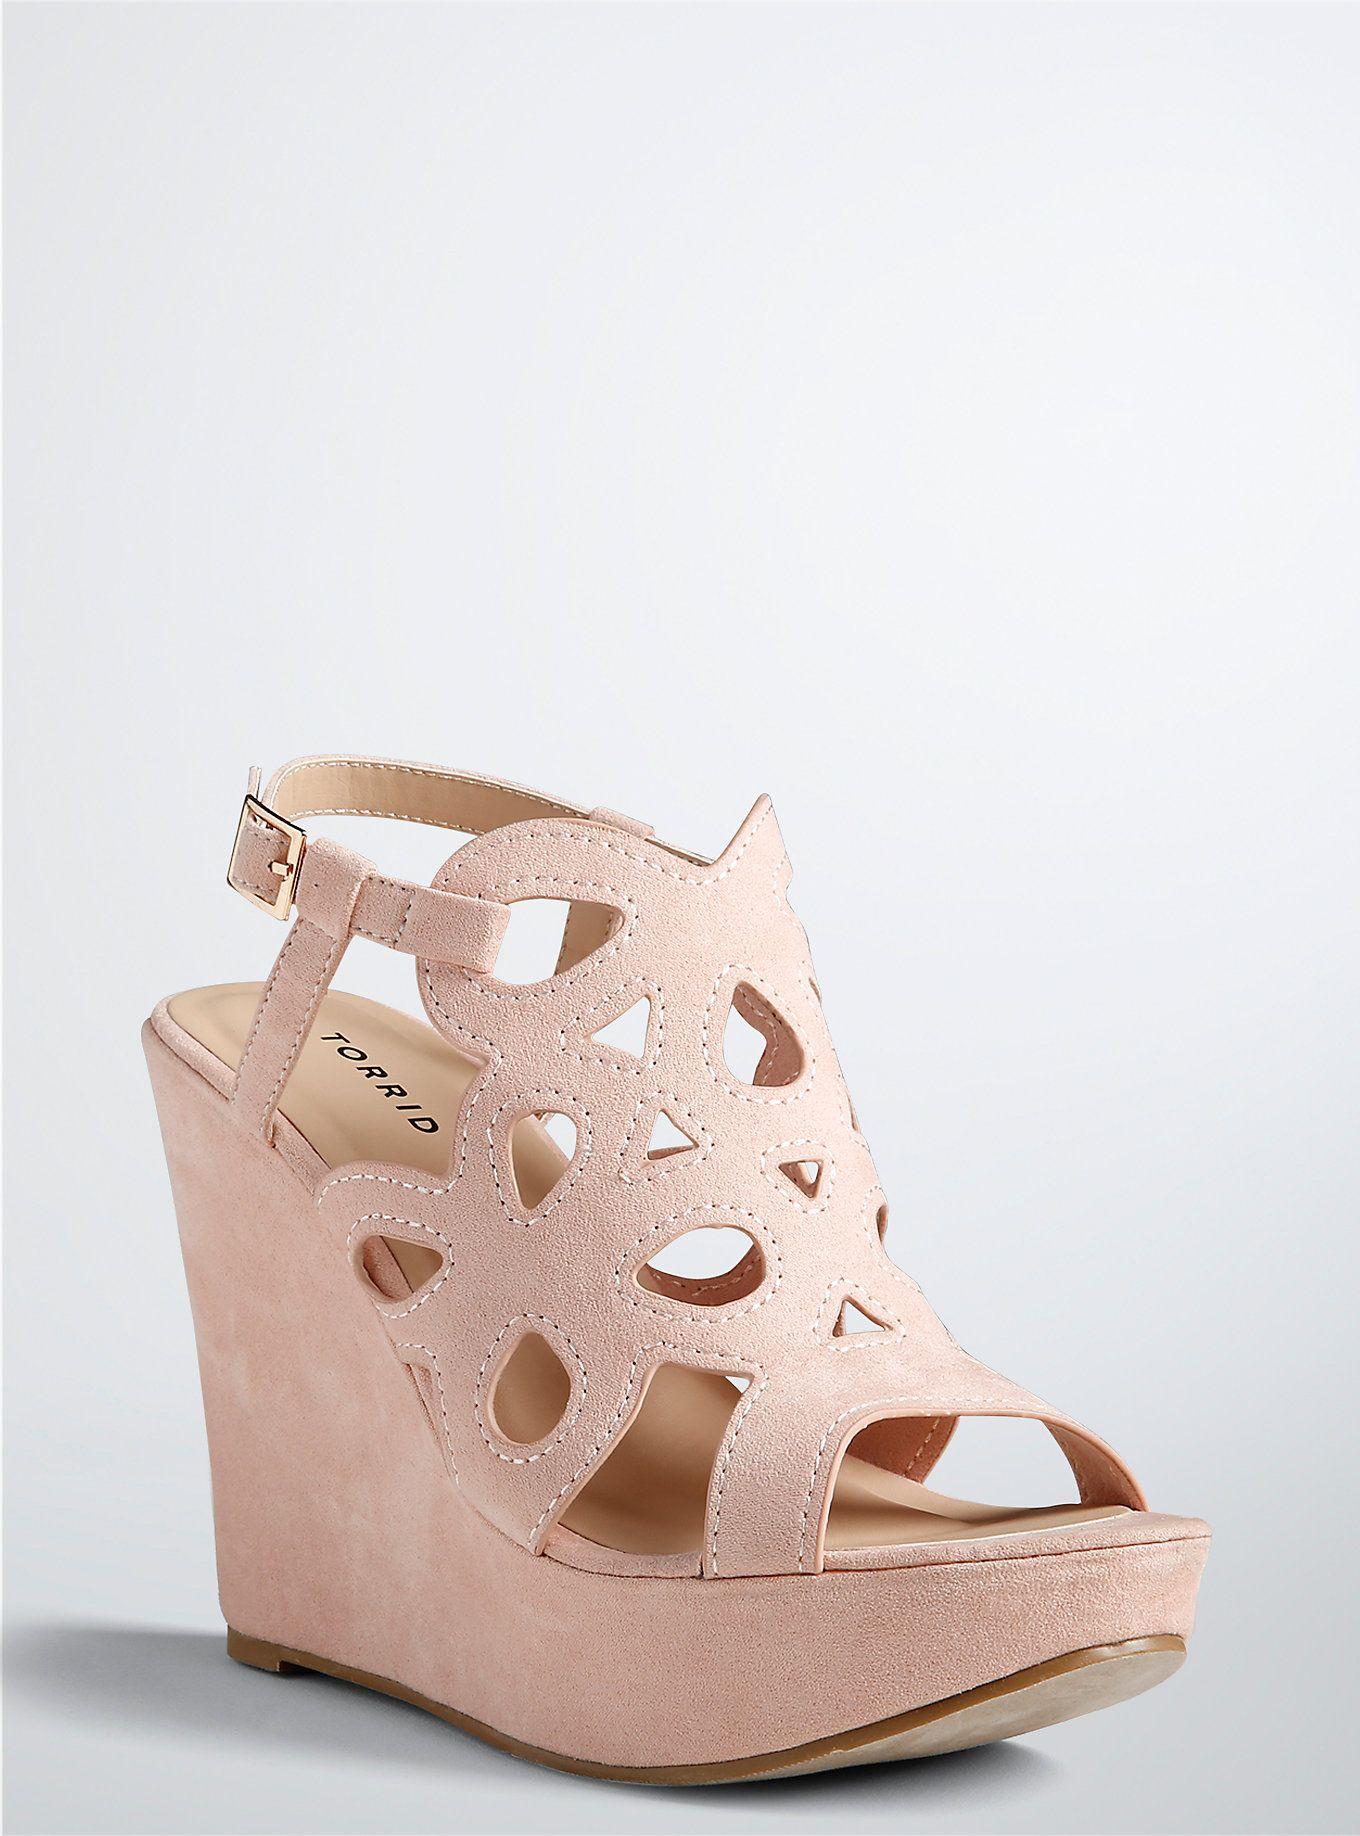 1bbaf641c6 Scallop Platform Wedges (Wide Width) | Gifts | Wedge wedding shoes ...